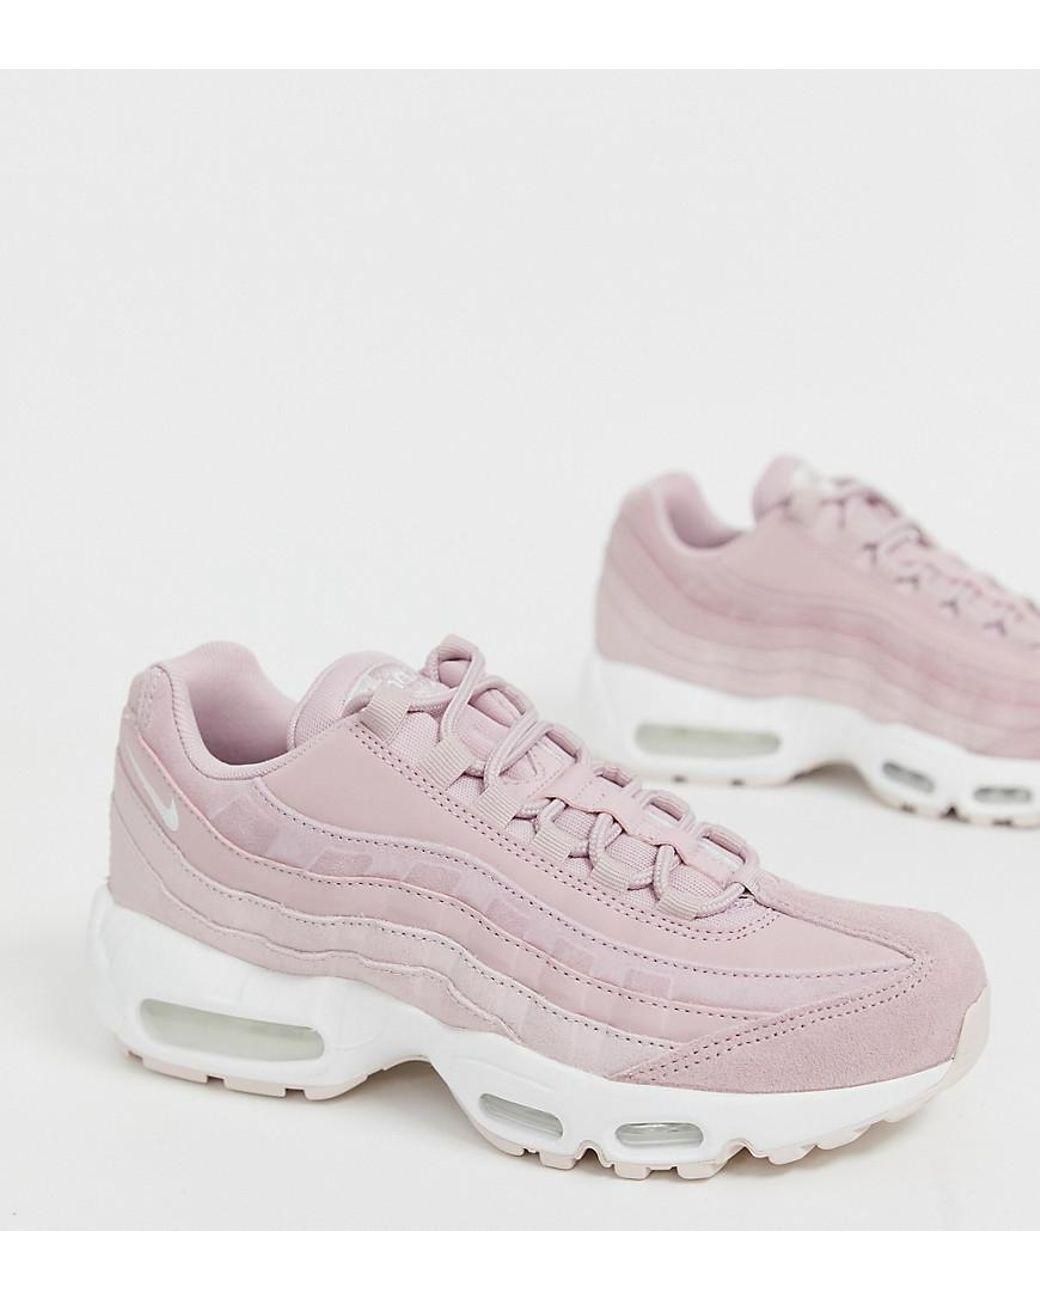 low priced ec08b 2b011 Women's Air Max 95 Sneakers In Pink